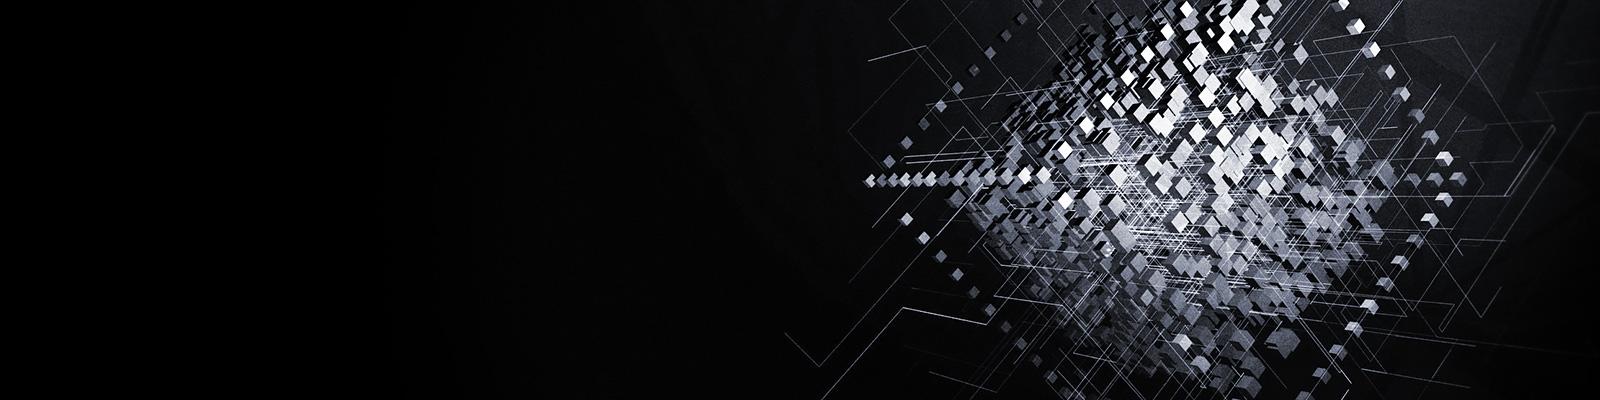 コンピューター ブラックボックス イメージ